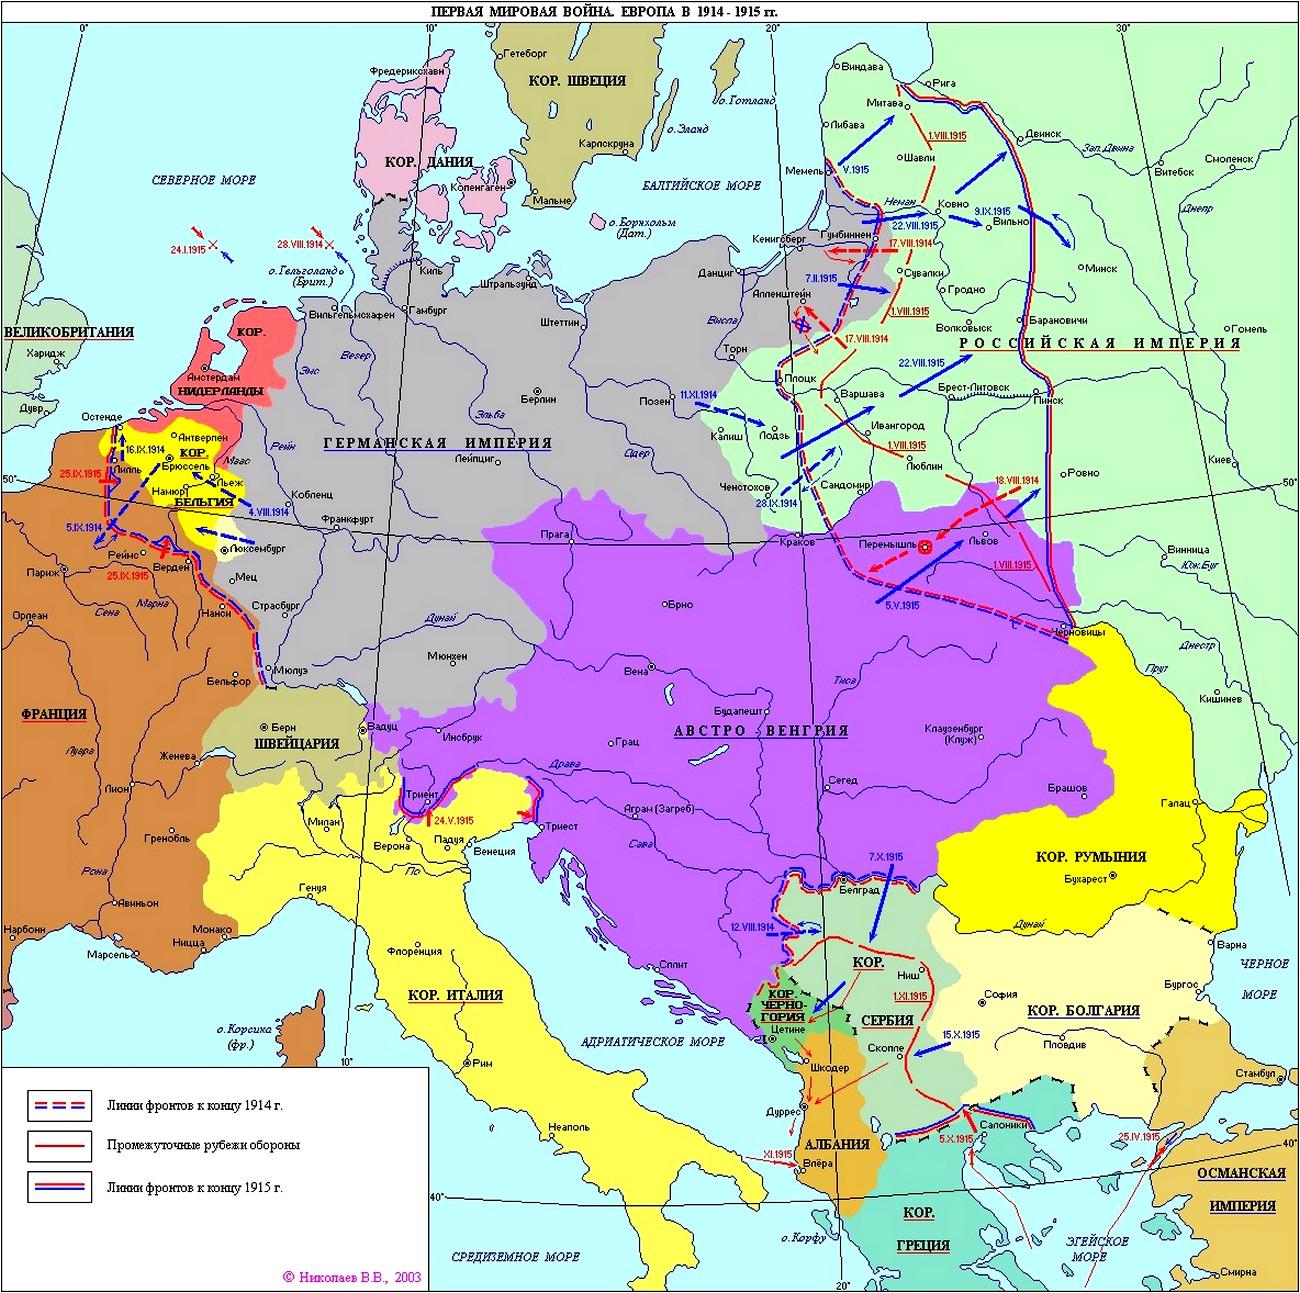 Эссе по истории первая мировая война егэ 560